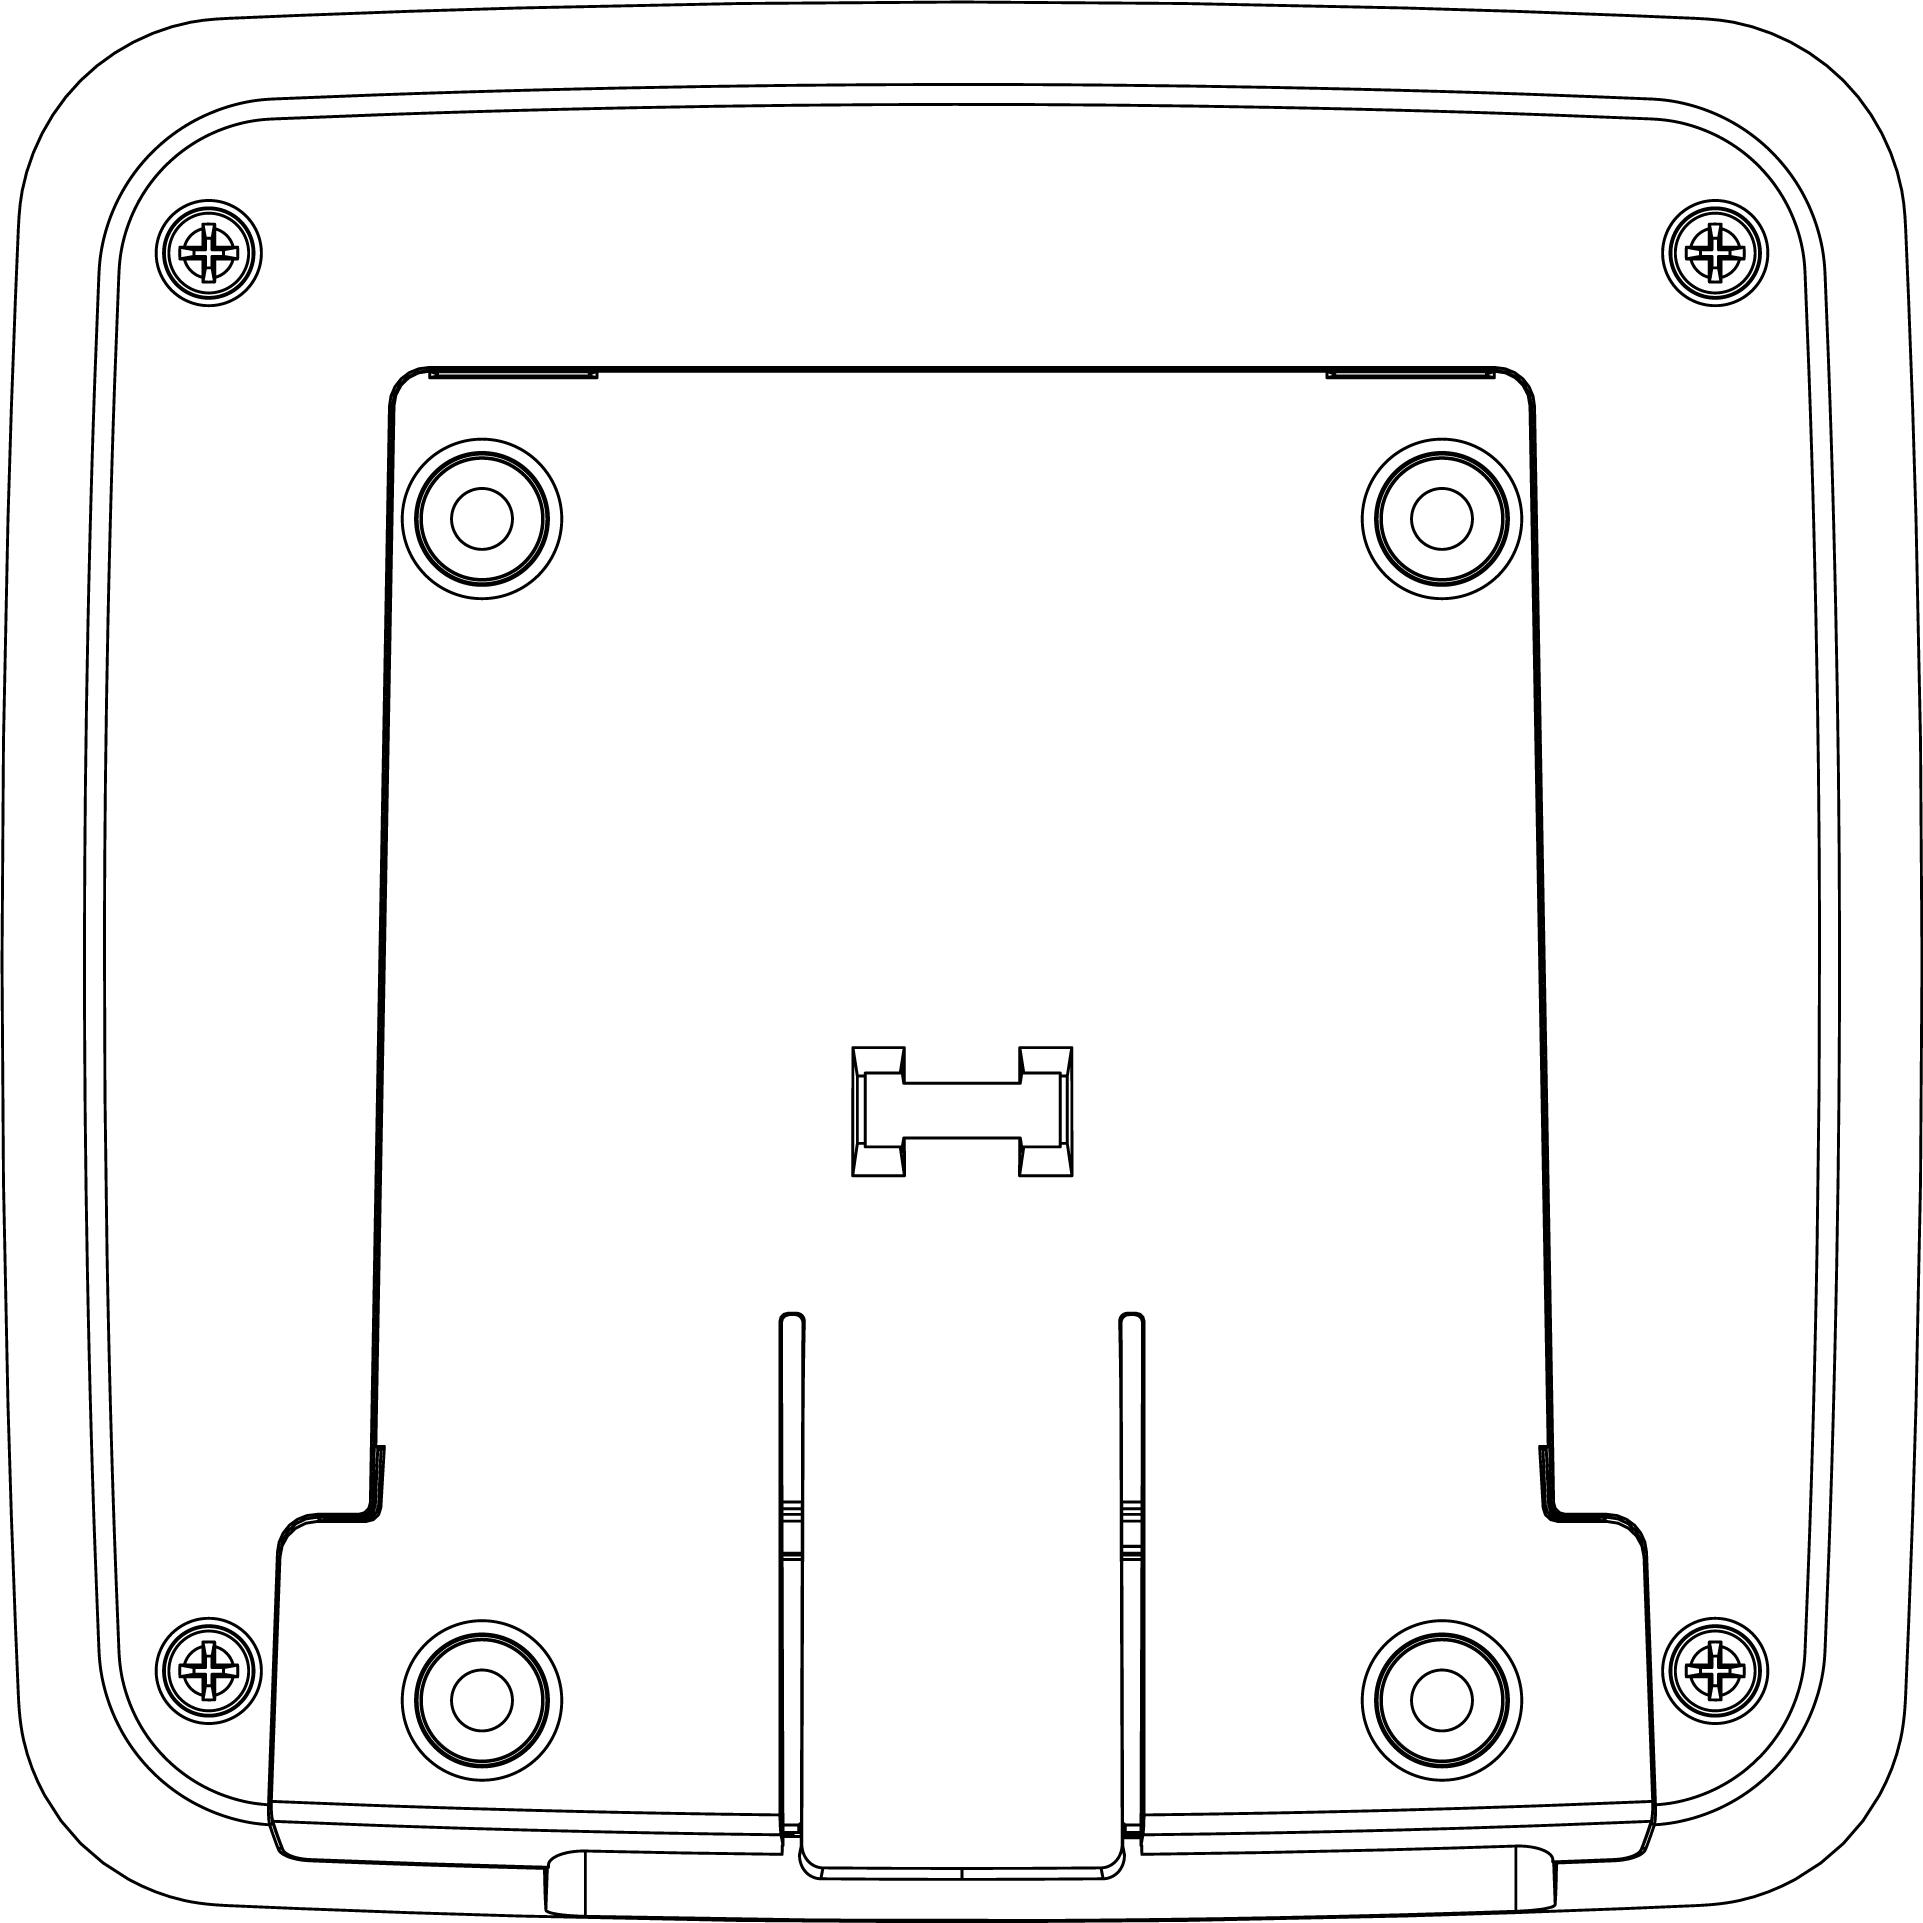 Hub-cellular-setup-step-01